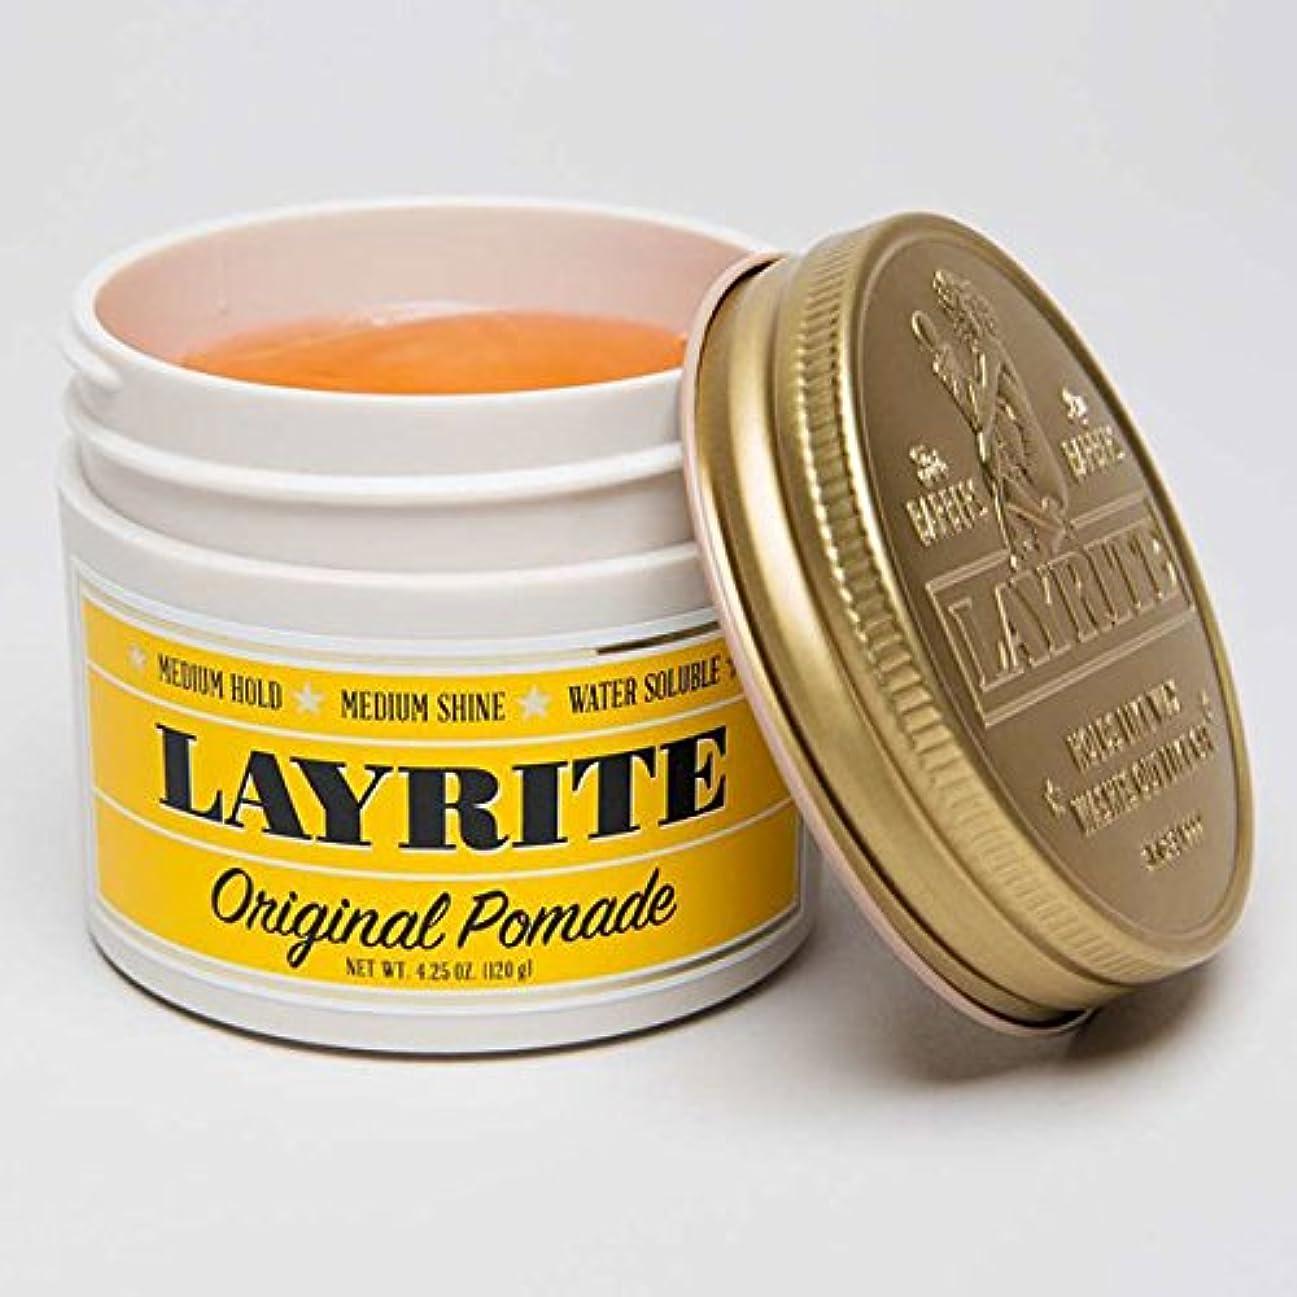 挑む処理するアンデス山脈LAYRITE レイライト 【Original Pomade】 水性ポマード オリジナルホールド 4.25OZ(約120G)